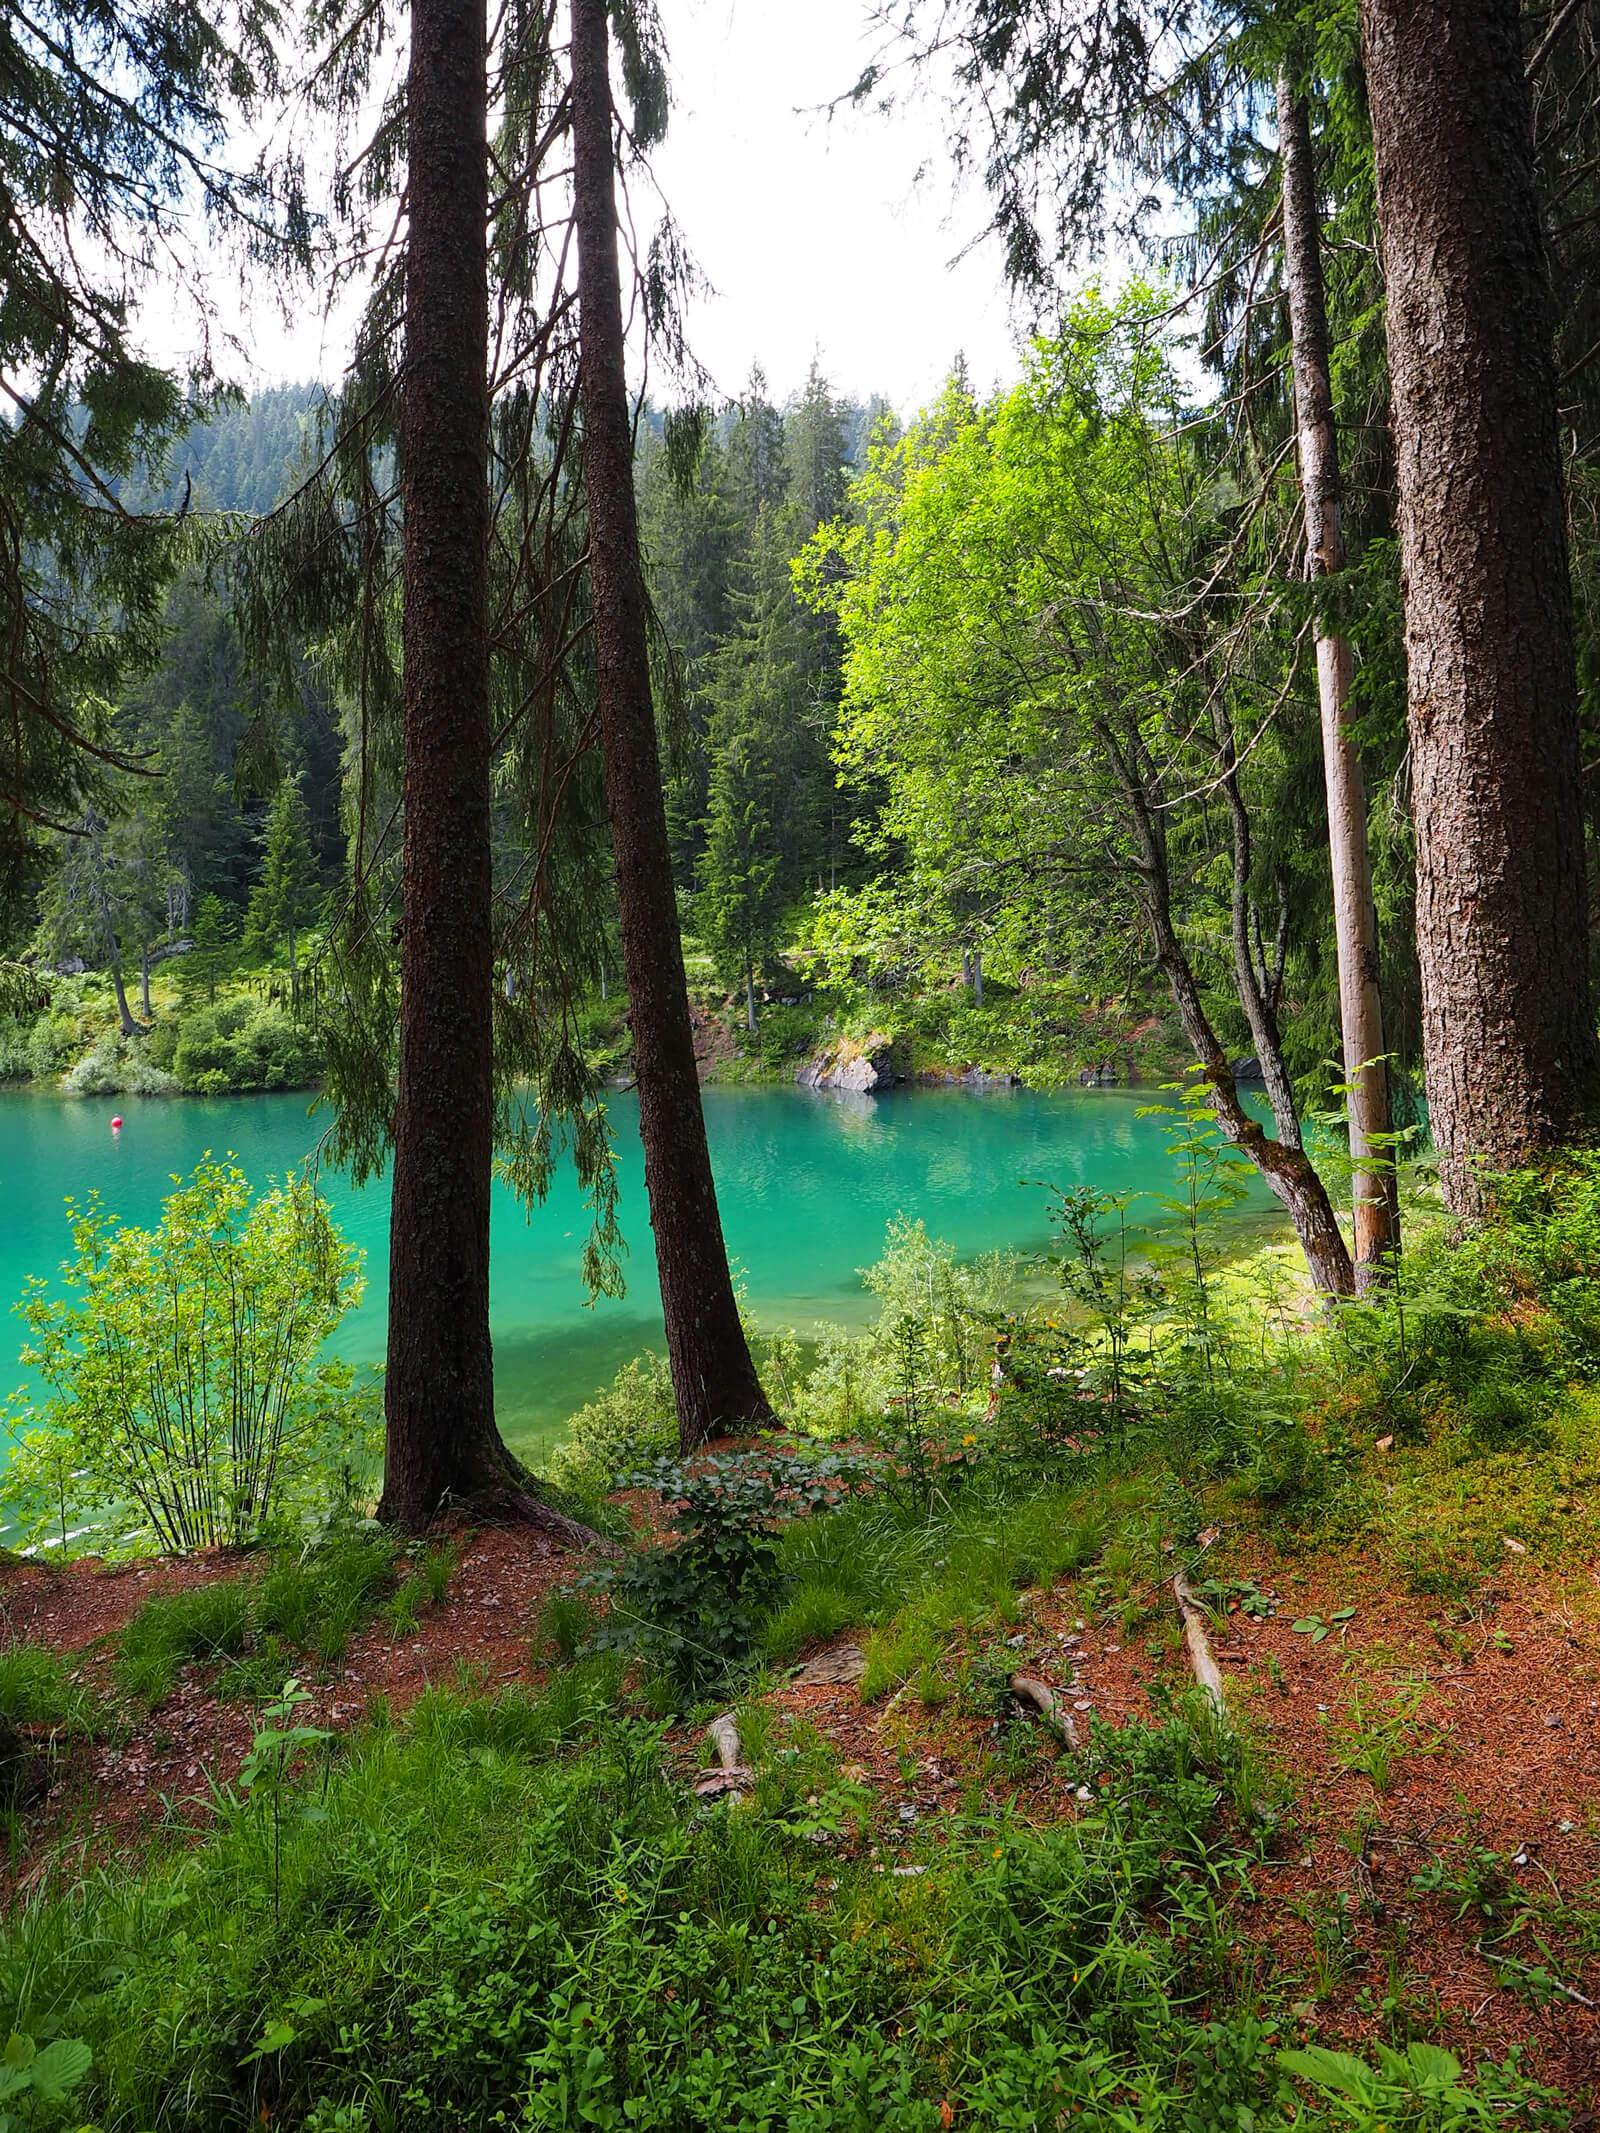 Lake Cauma (Caumasee) in Flims, Switzerland